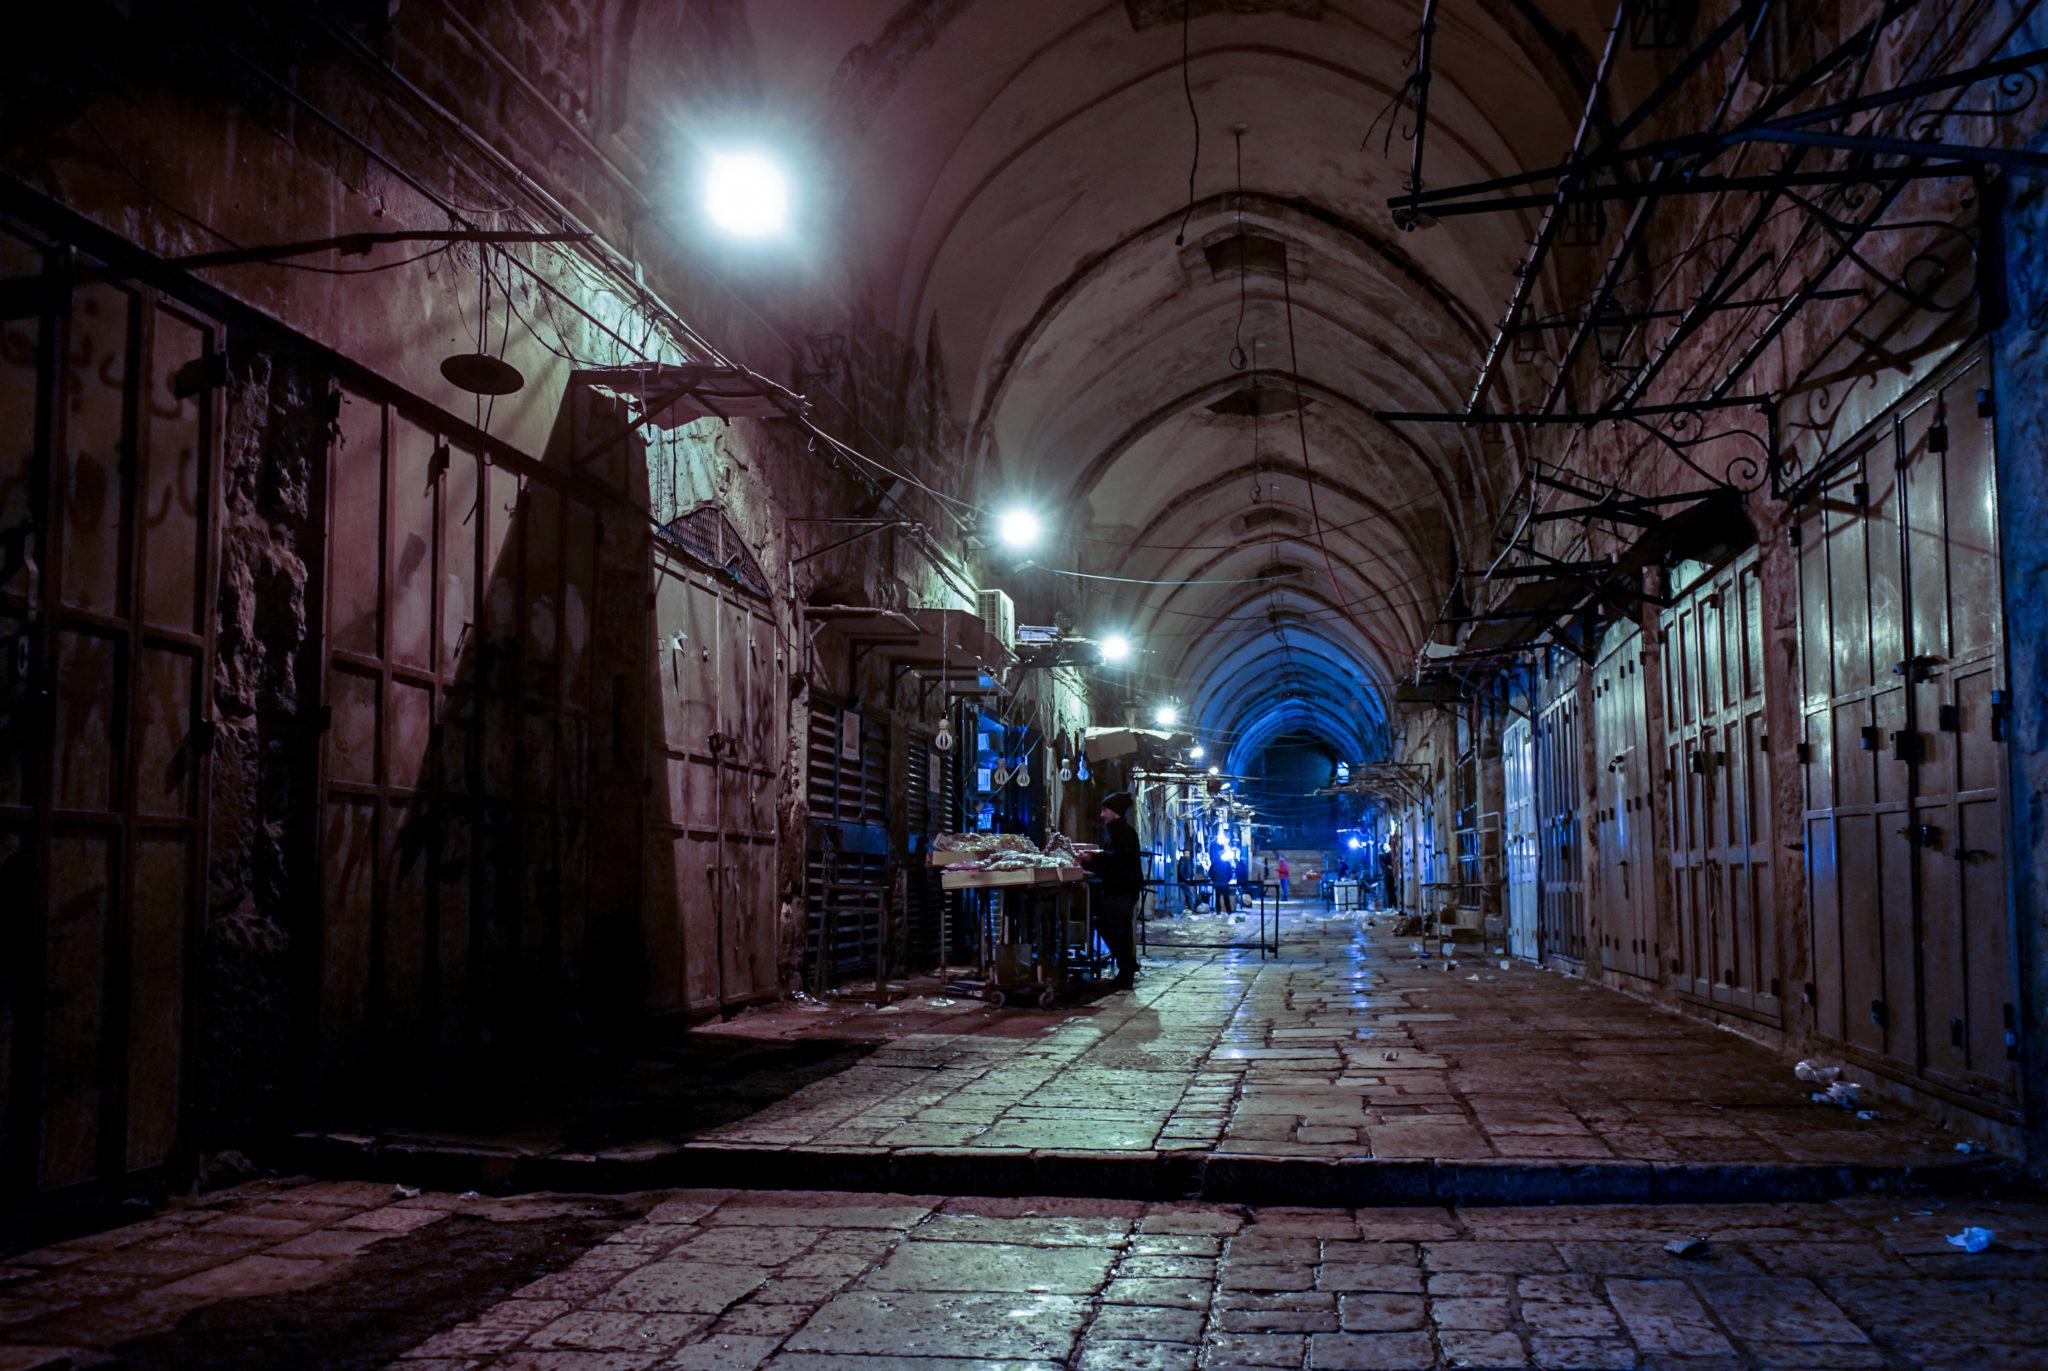 La città vecchia dopo le nove